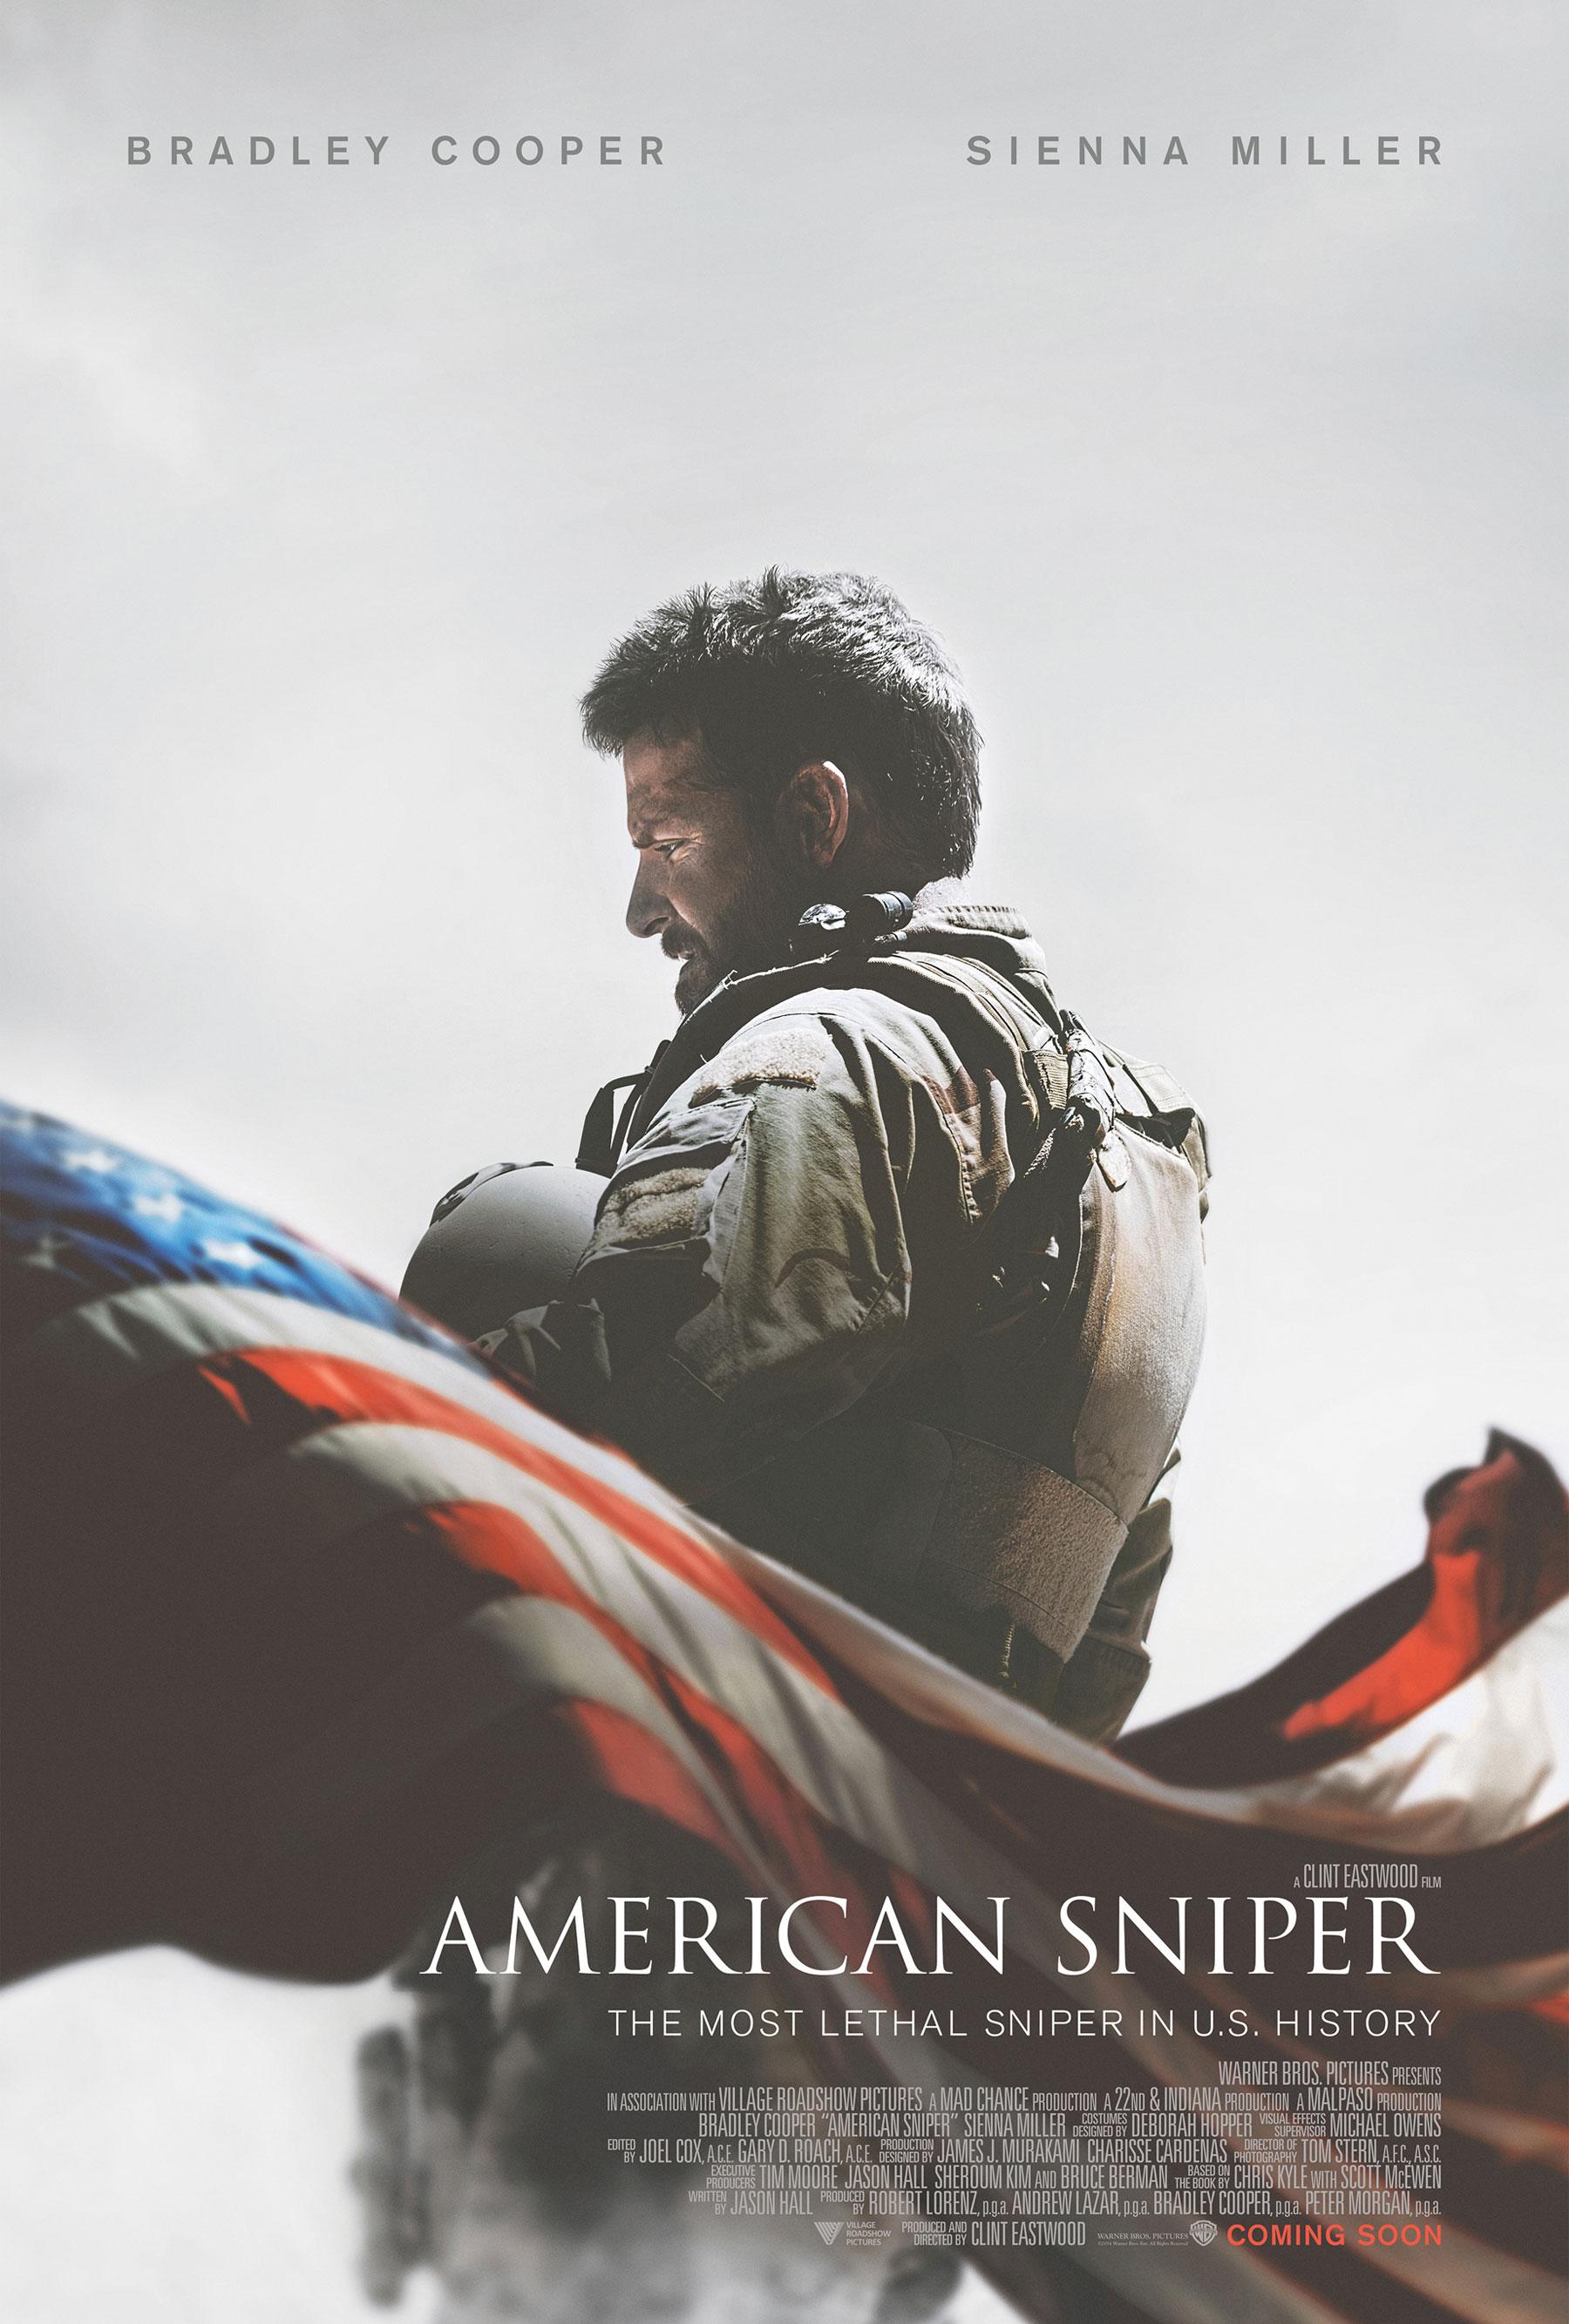 دانلود فیلم تکتیرانداز امریکایی American Sniper 2014